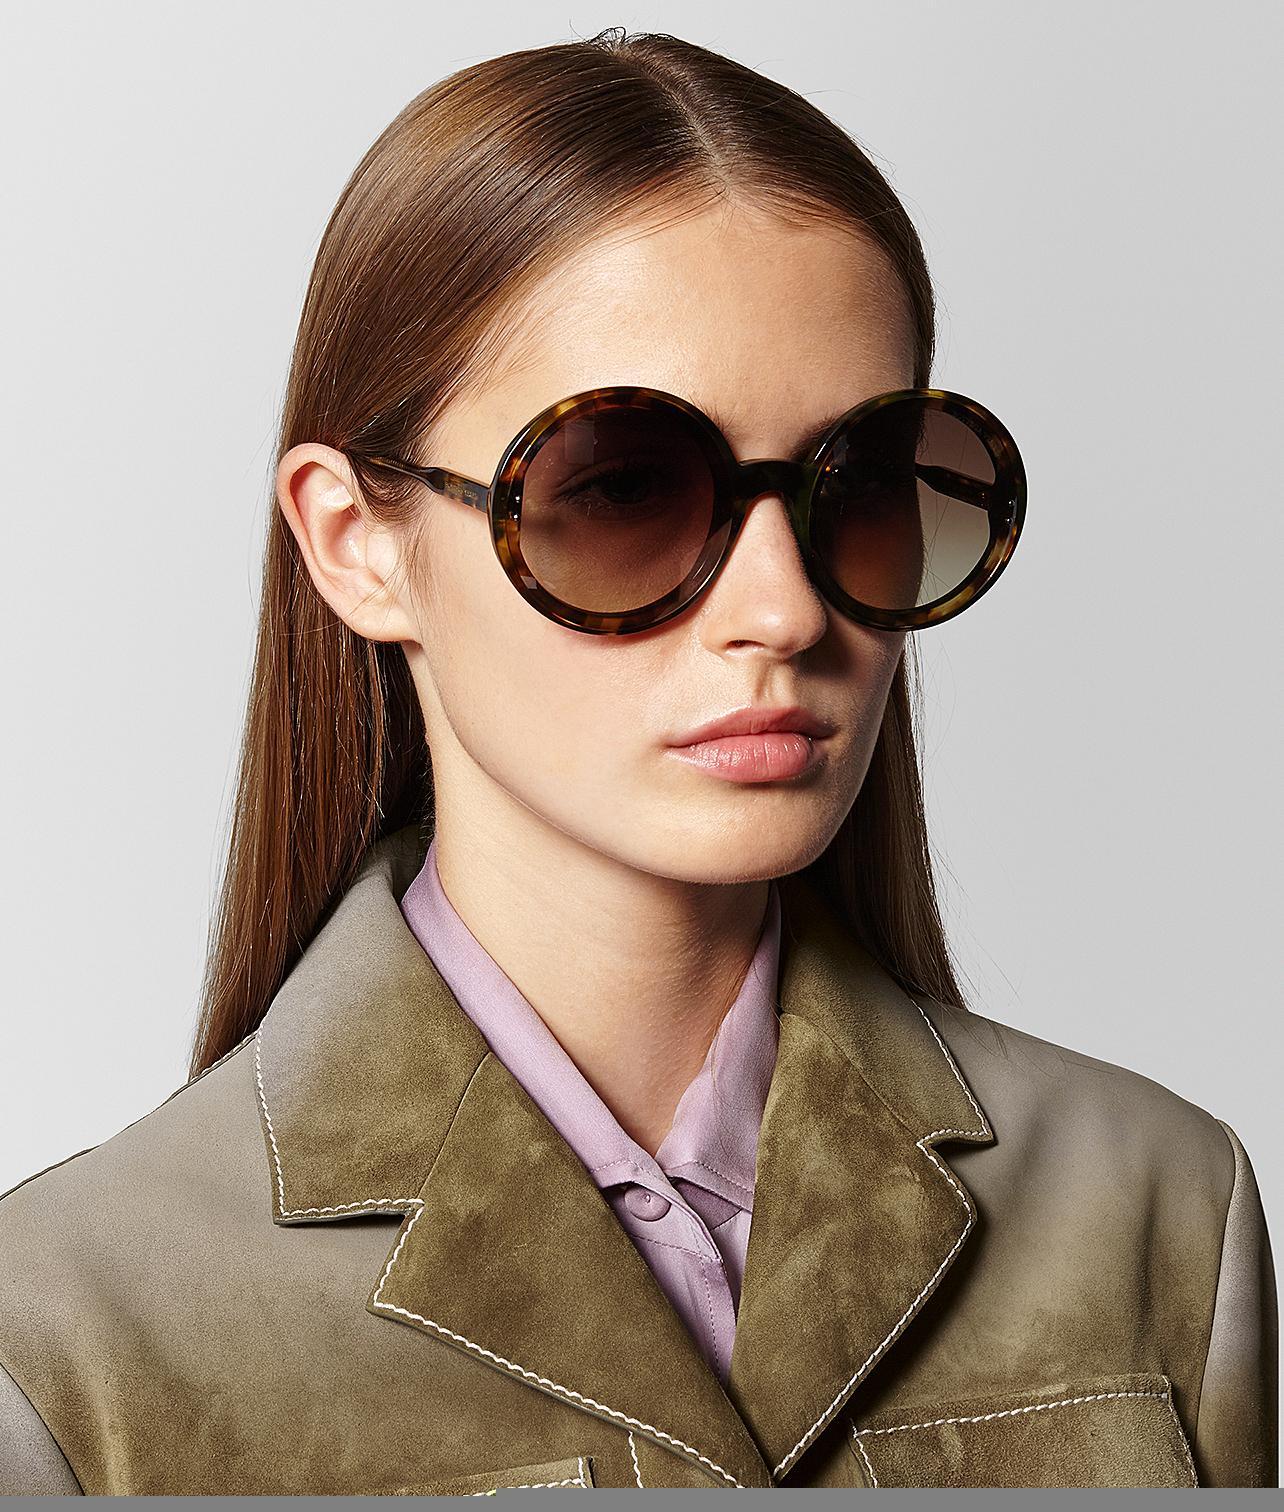 ... Kennedy Le cru printemps-été 2018 de lunettes de soleil - Bottega  Veneta ... 86922acc9927